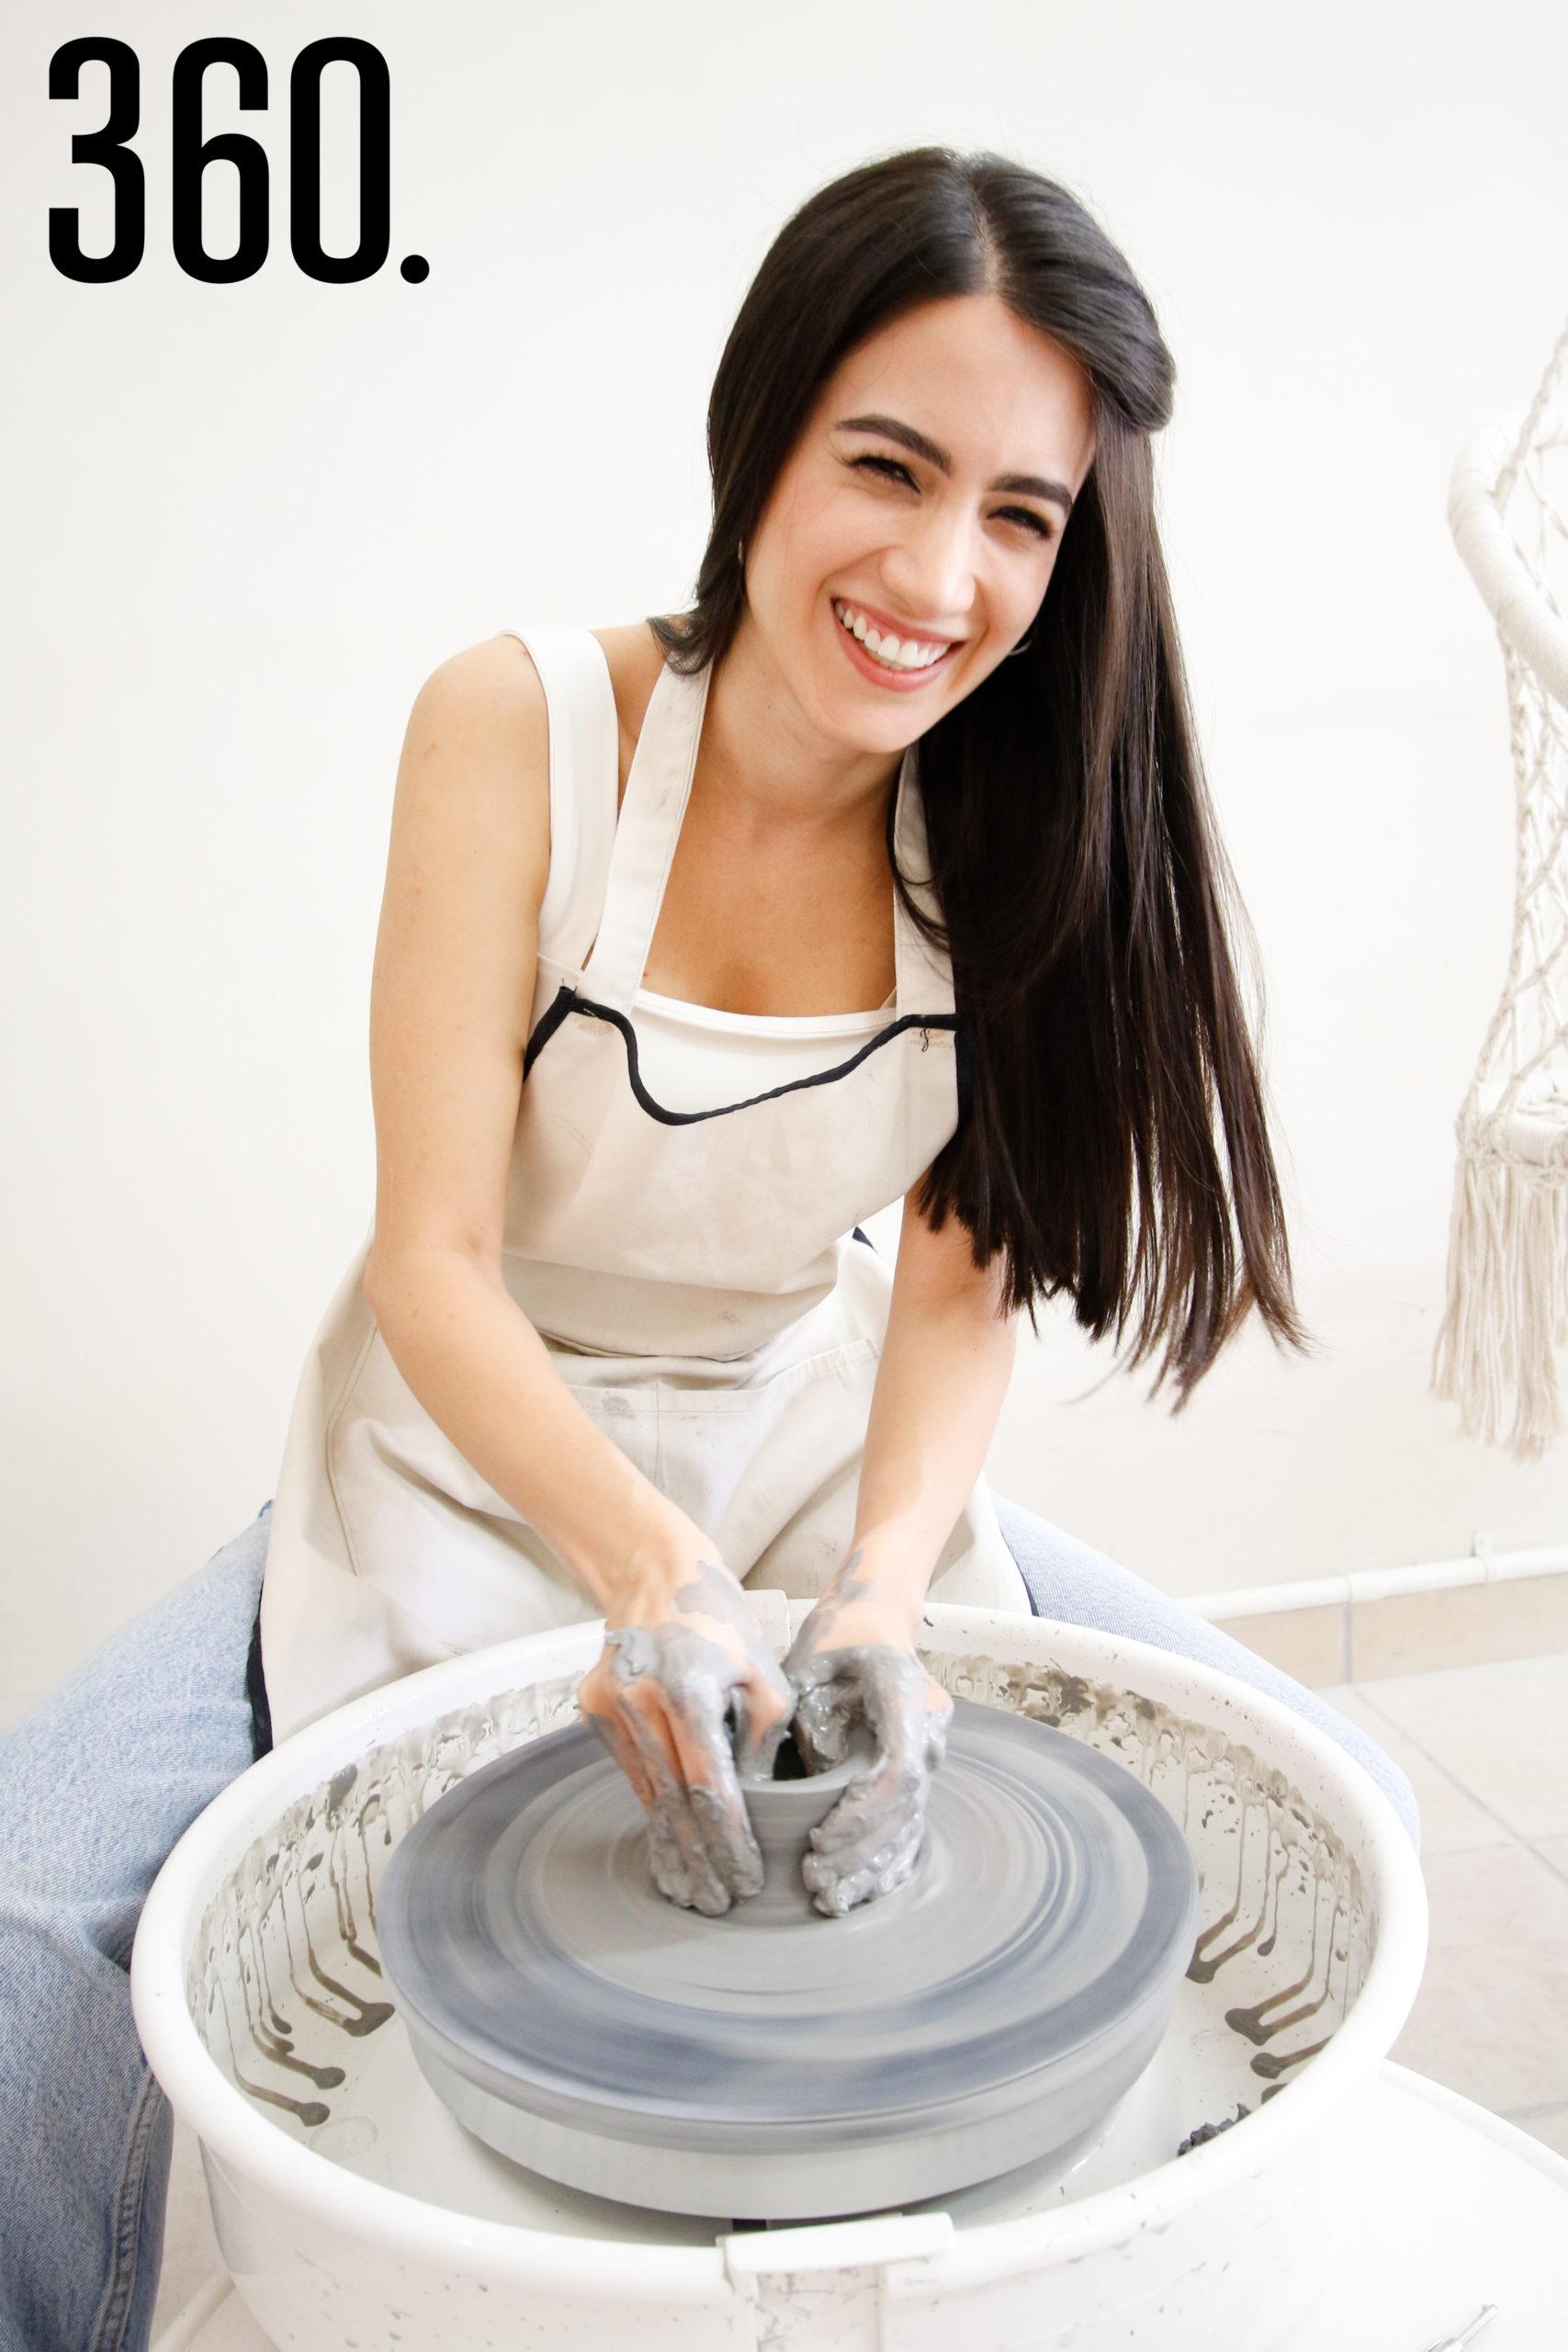 La cerámica mejora la concentración, incrementa la creatividad y el autoestima, y favorece el desapego.